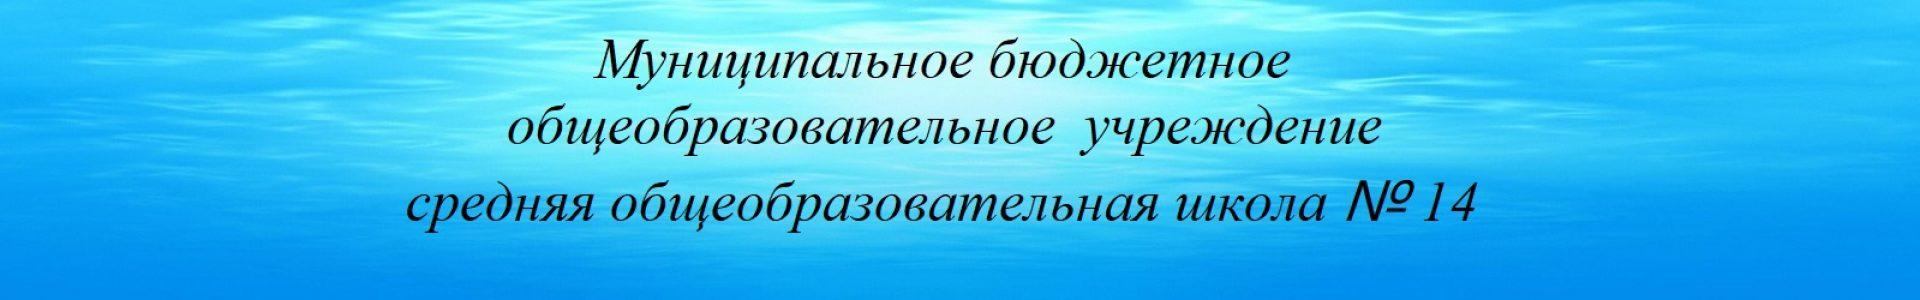 МБОУ СОШ №14